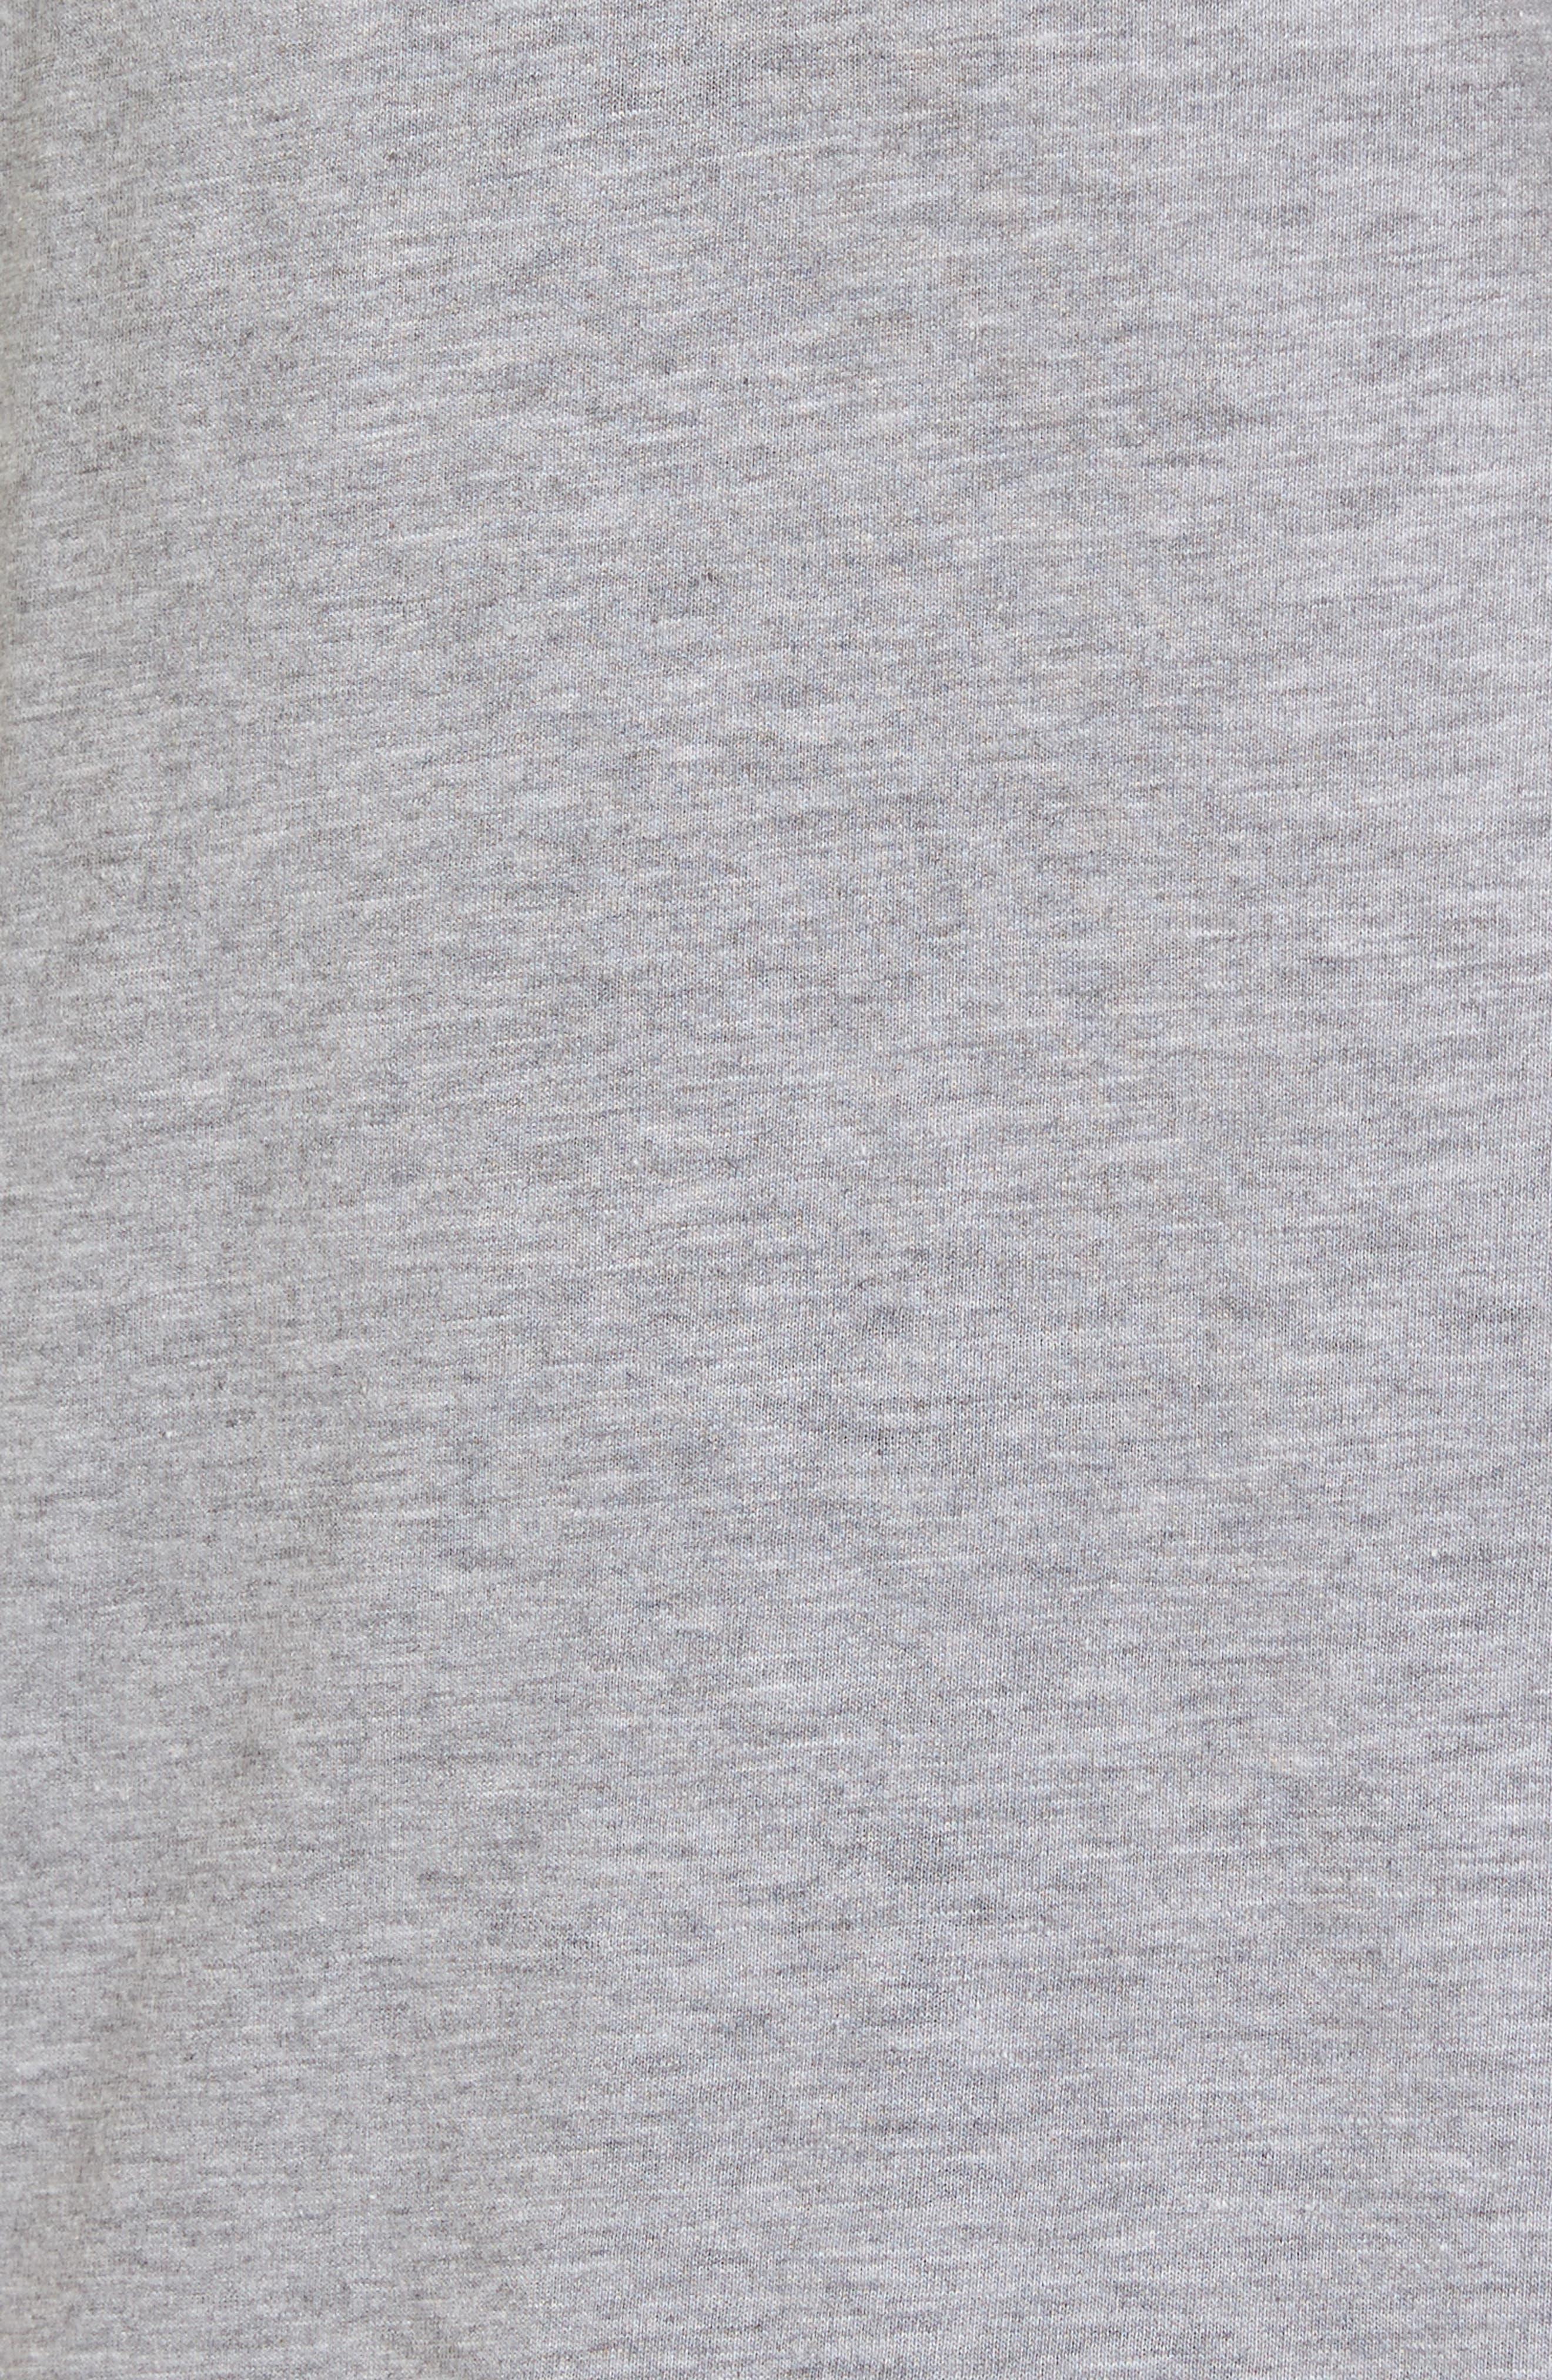 Ohio State Buckeyes Ringer T-Shirt,                             Alternate thumbnail 5, color,                             020